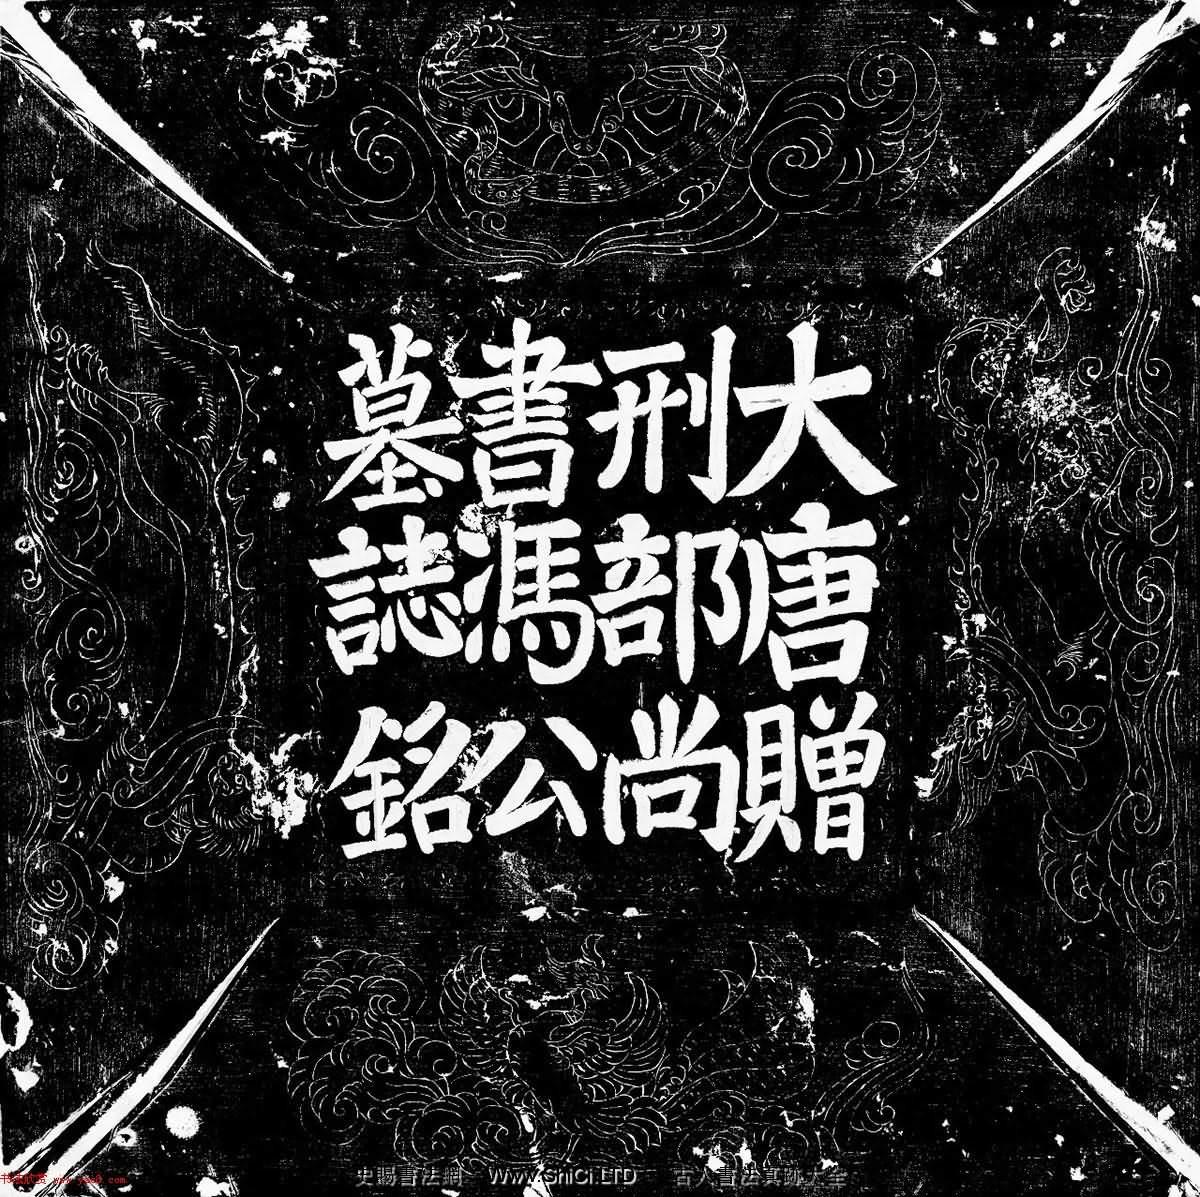 唐代馮謙書法字帖《馮審墓誌》顏體風格(共10張圖片)